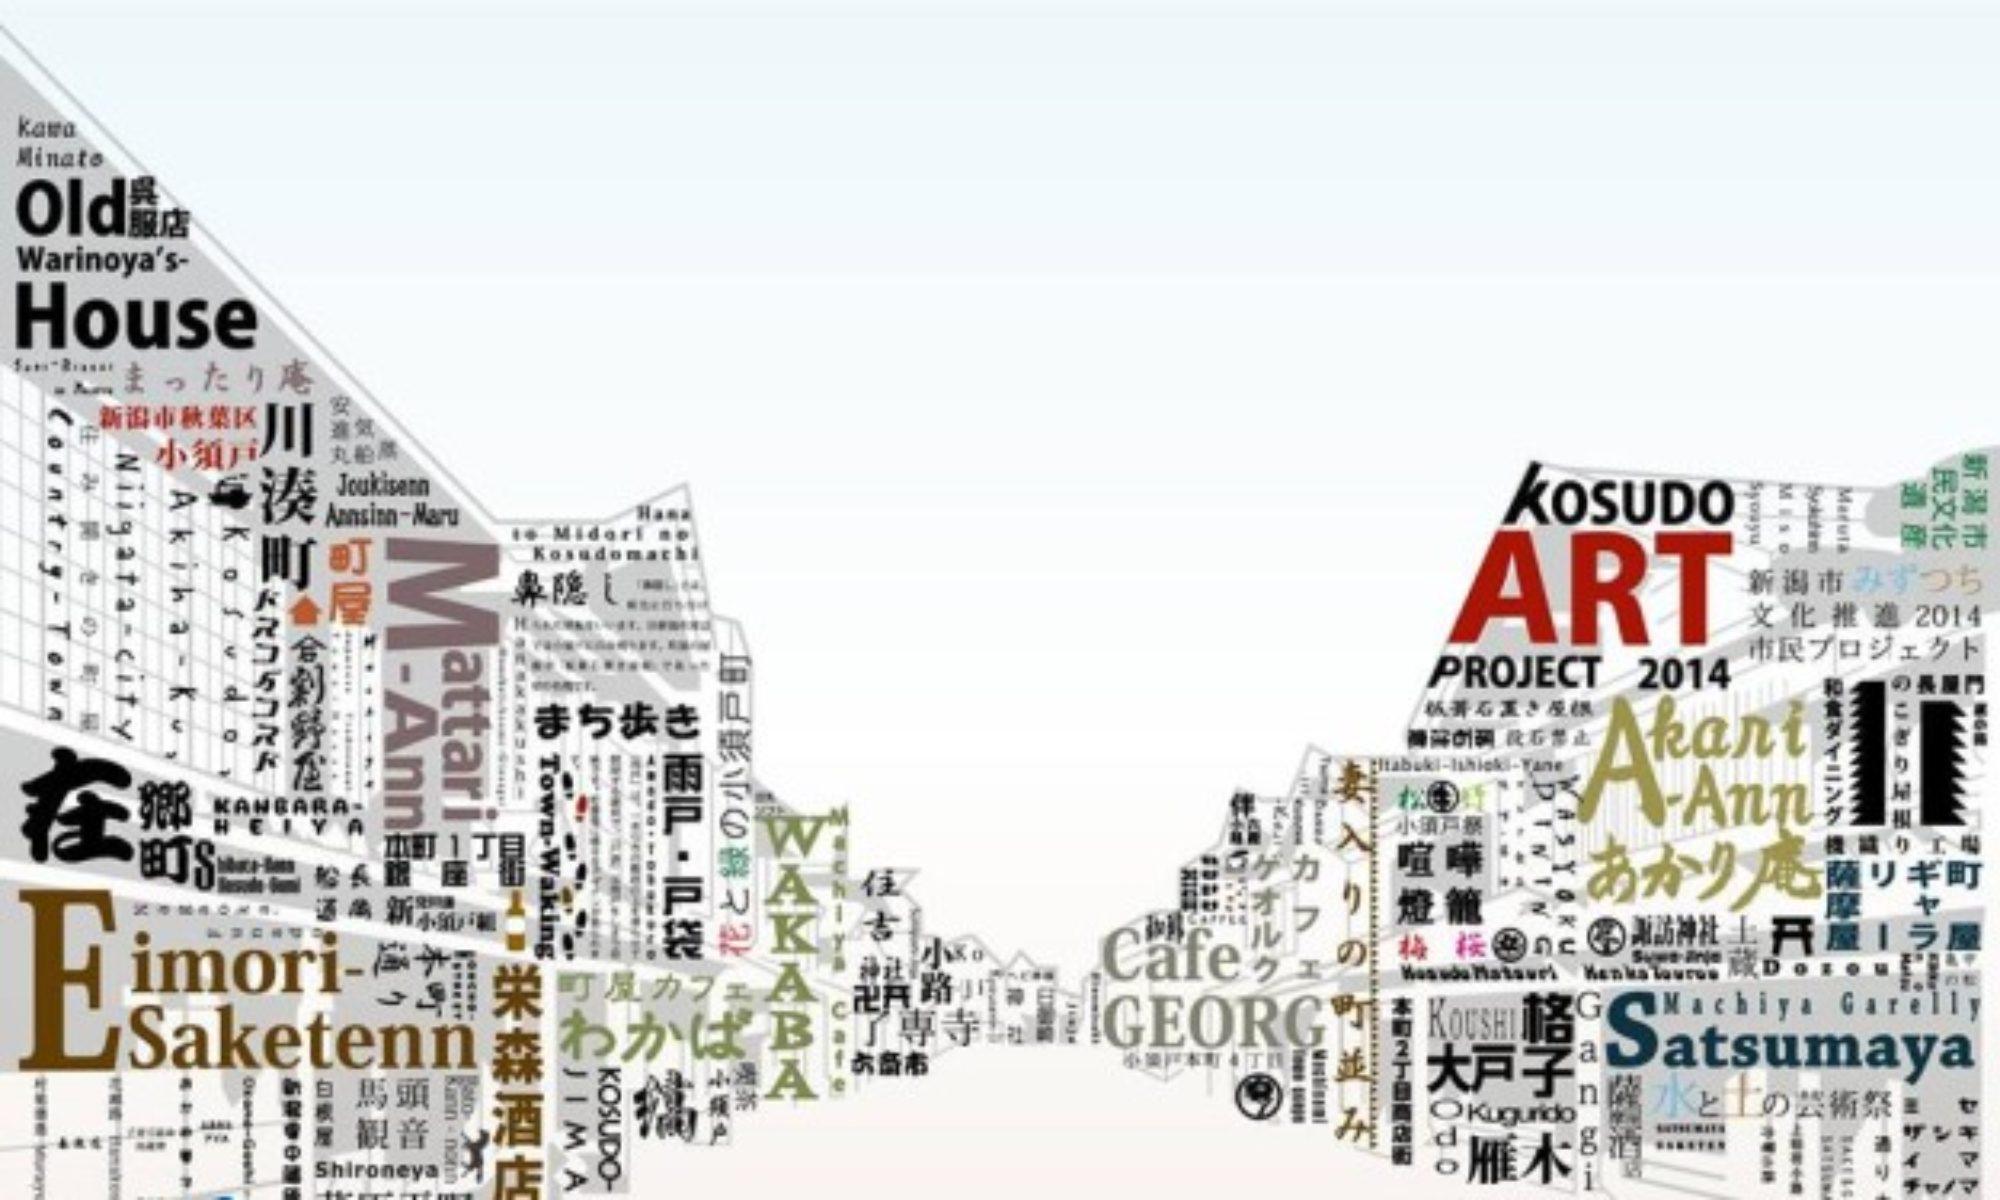 S.Y.P art space